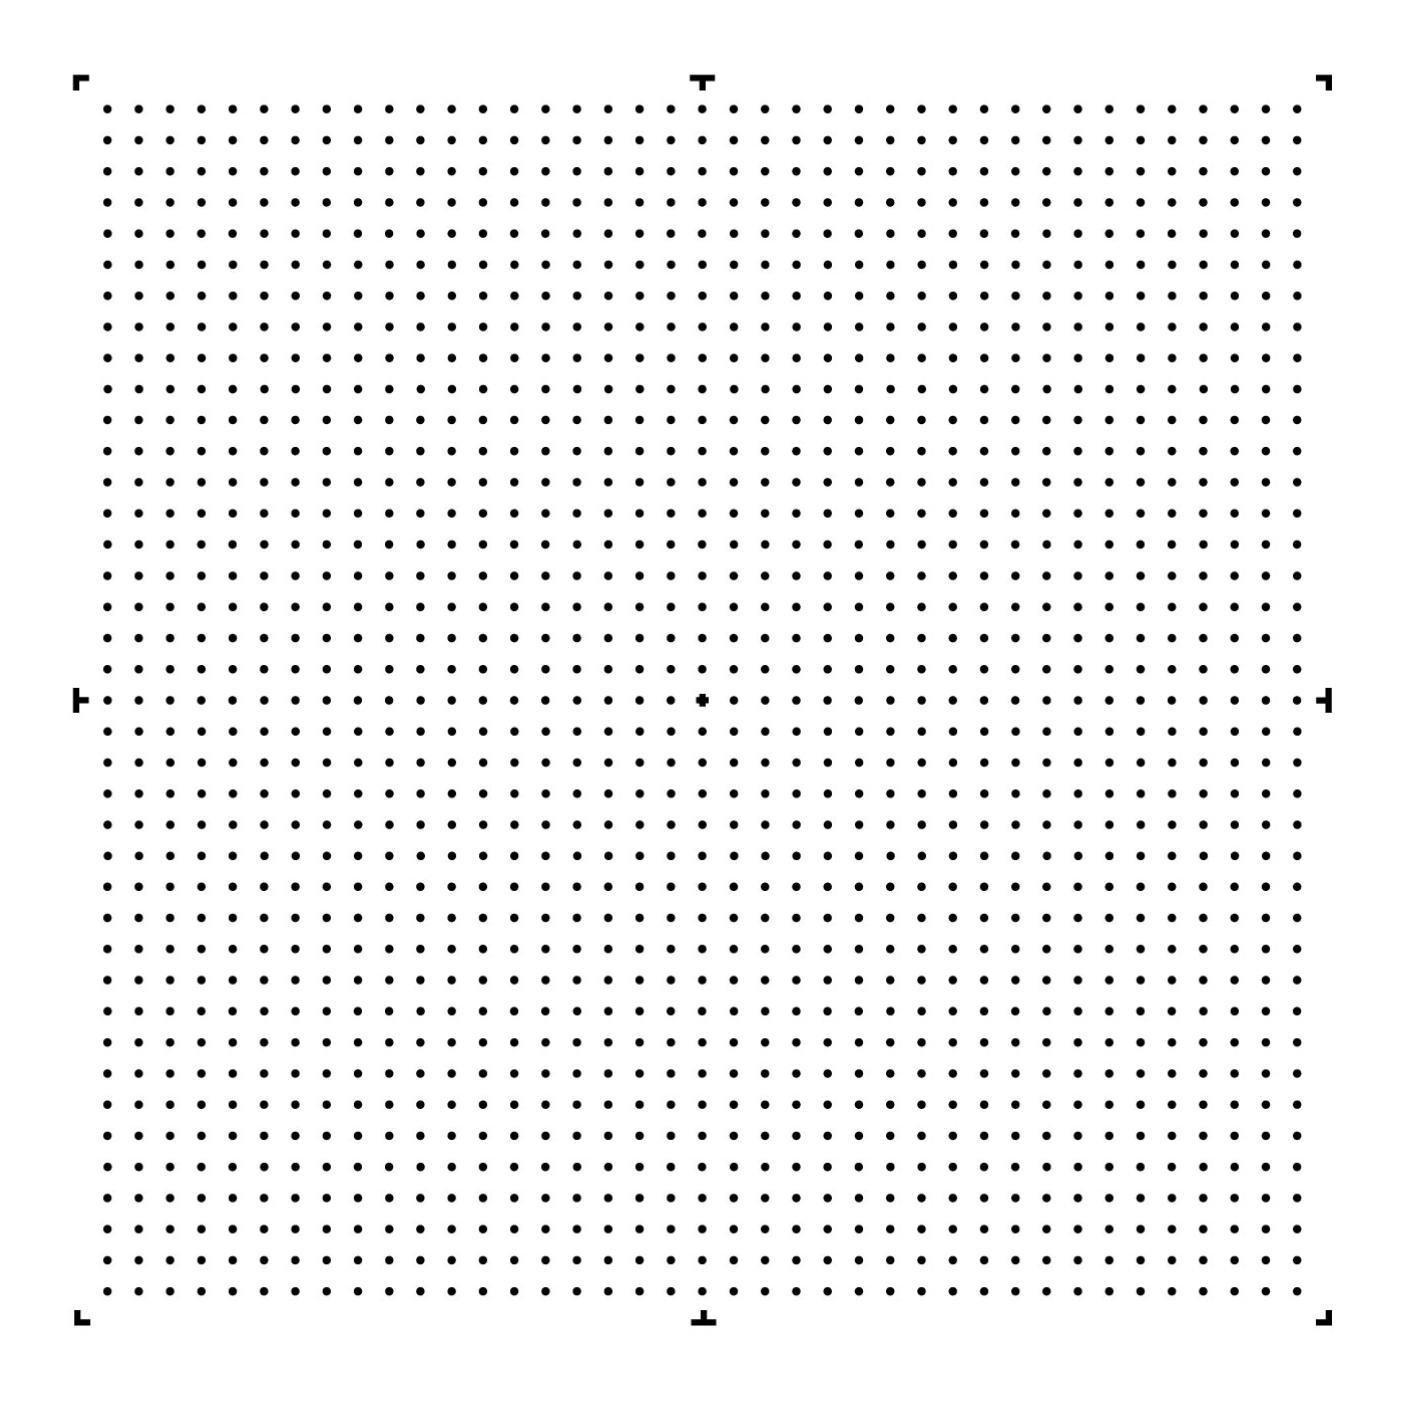 Matrix of rings pattern of Argolight slides